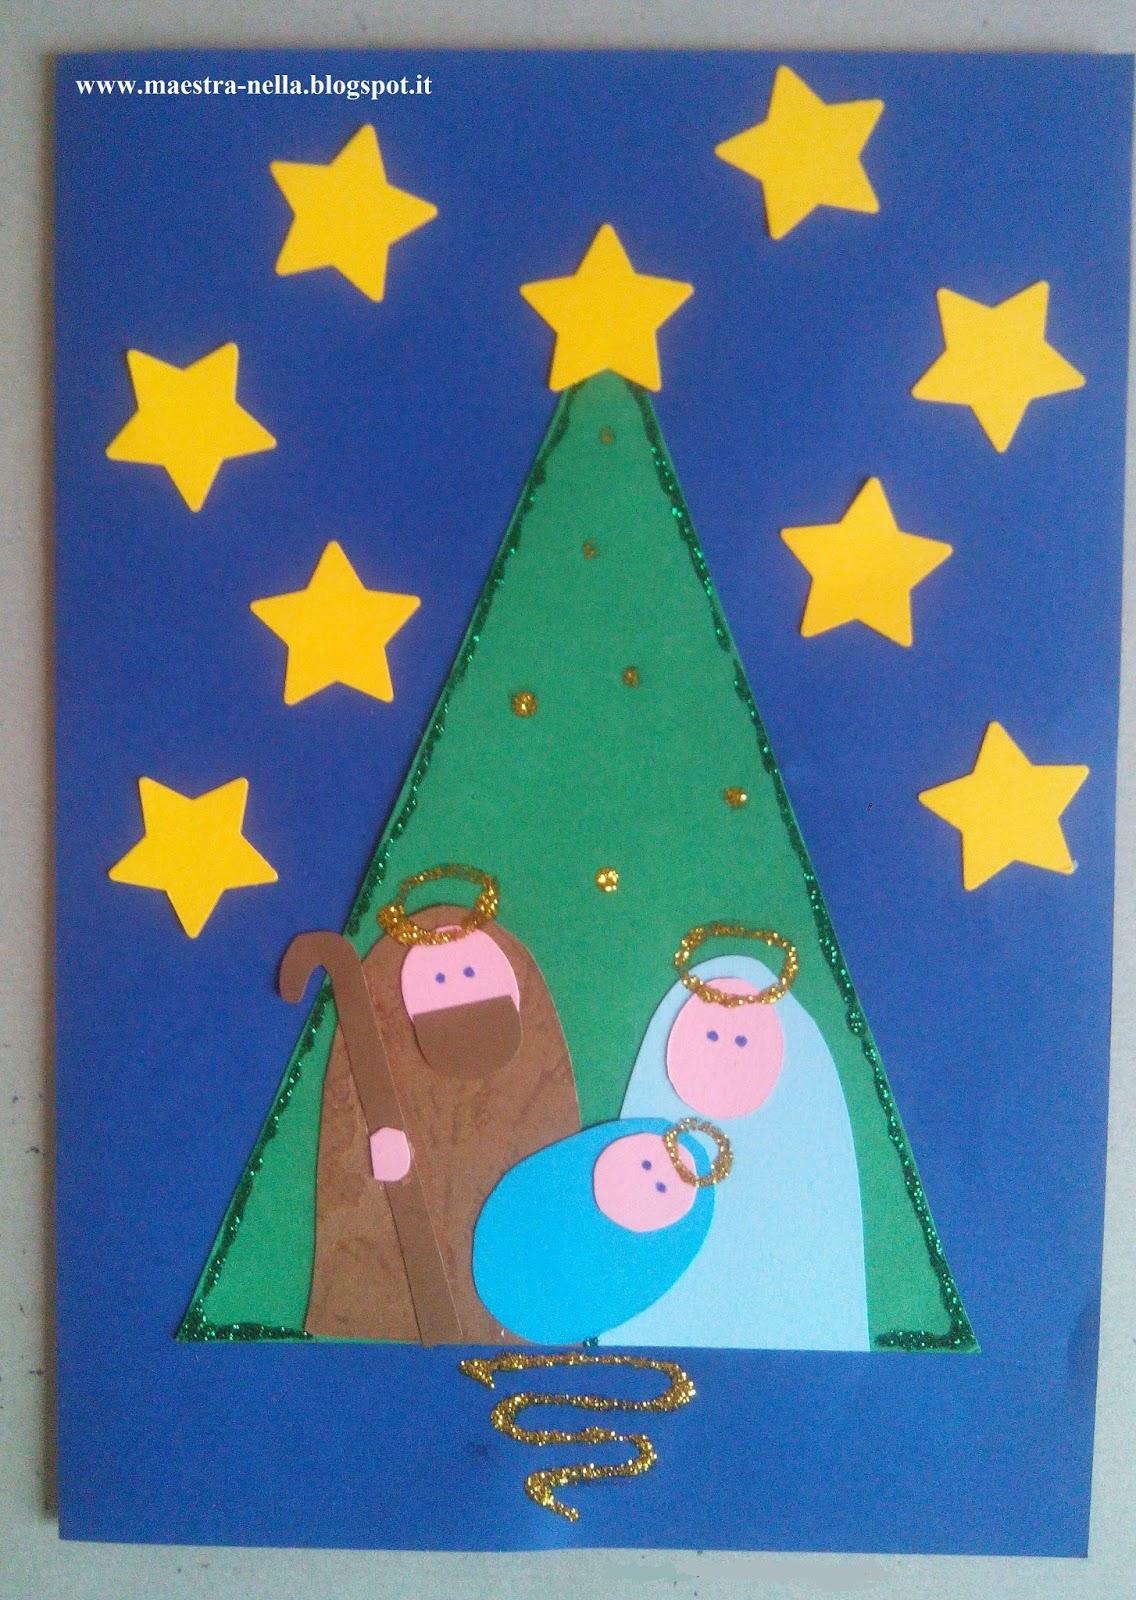 Biglietti Di Natale Scuola Infanzia Da Colorare.Maestra Nella Biglietti Di Natale